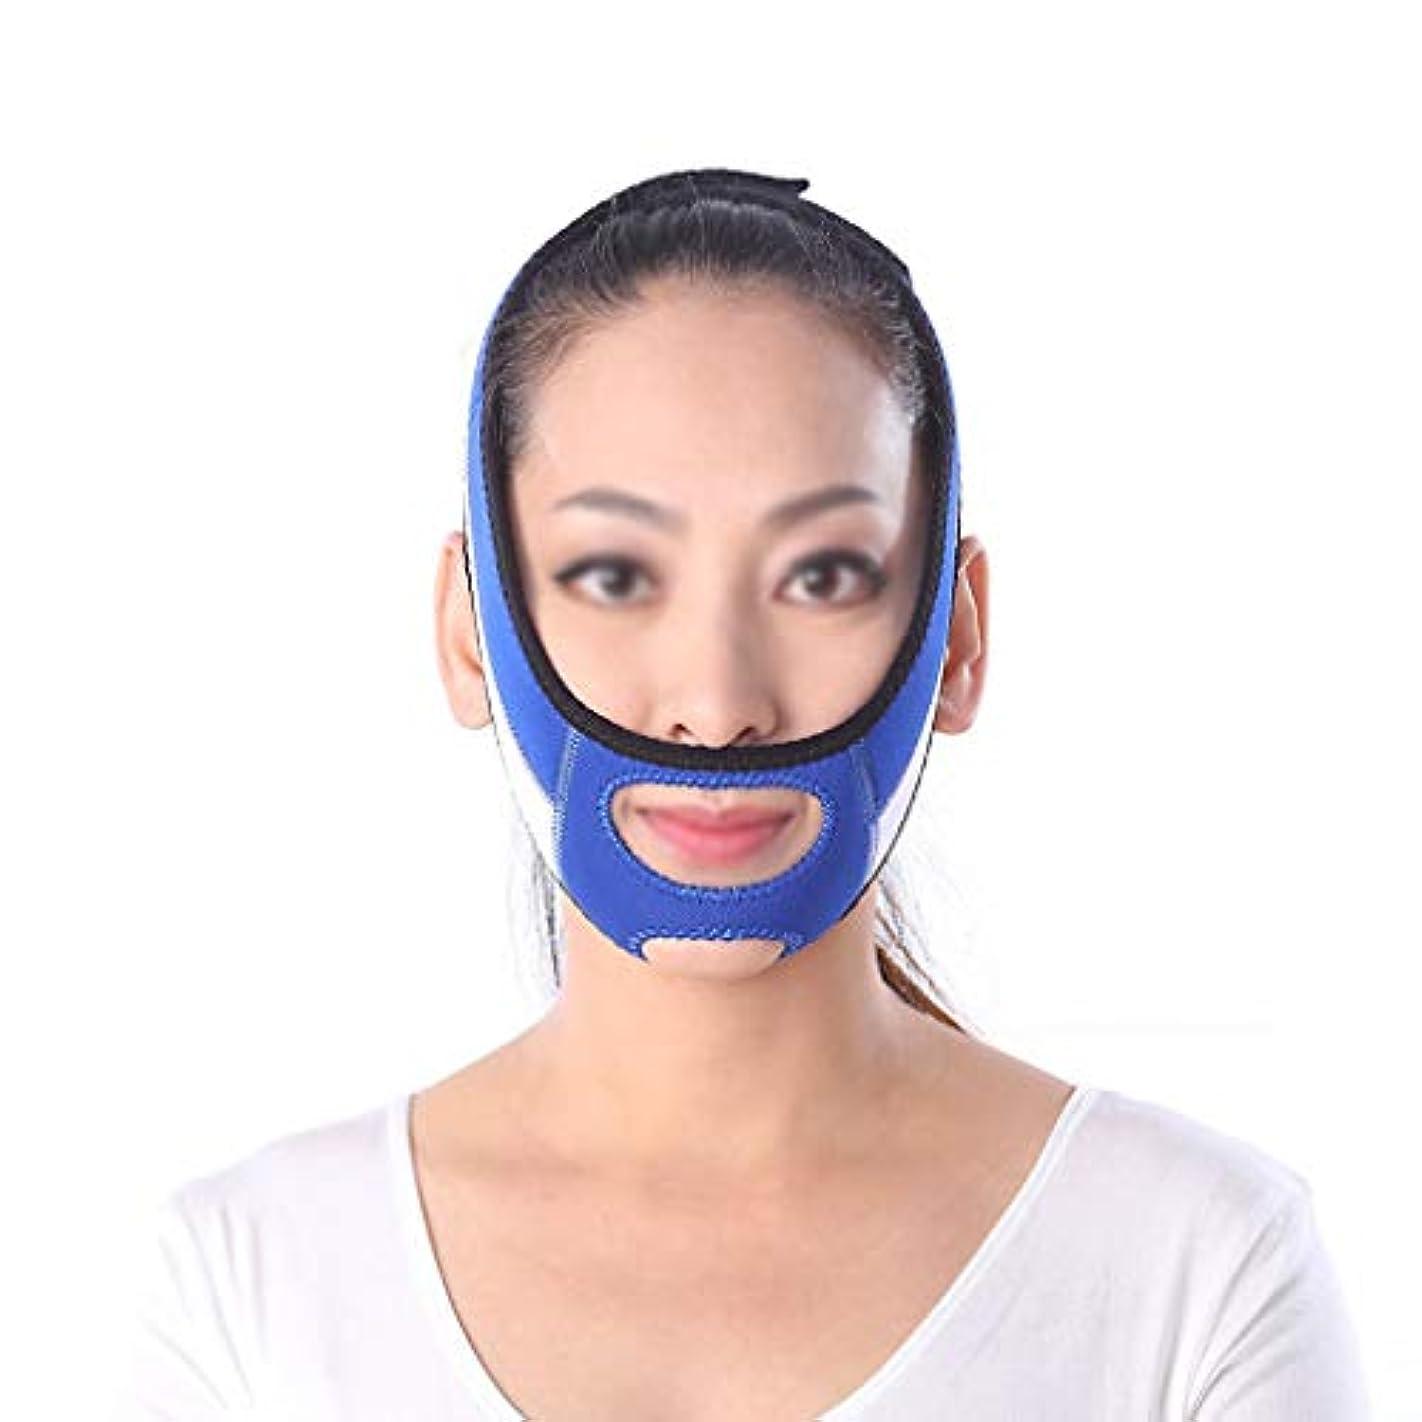 アルファベット香港リネンフェイスリフティング包帯、フェイスリフティングマスク、フェイスリフティング器具、二重あごケア減量、フェイシャルリフティングストラップ(フリーサイズ、ブルー)